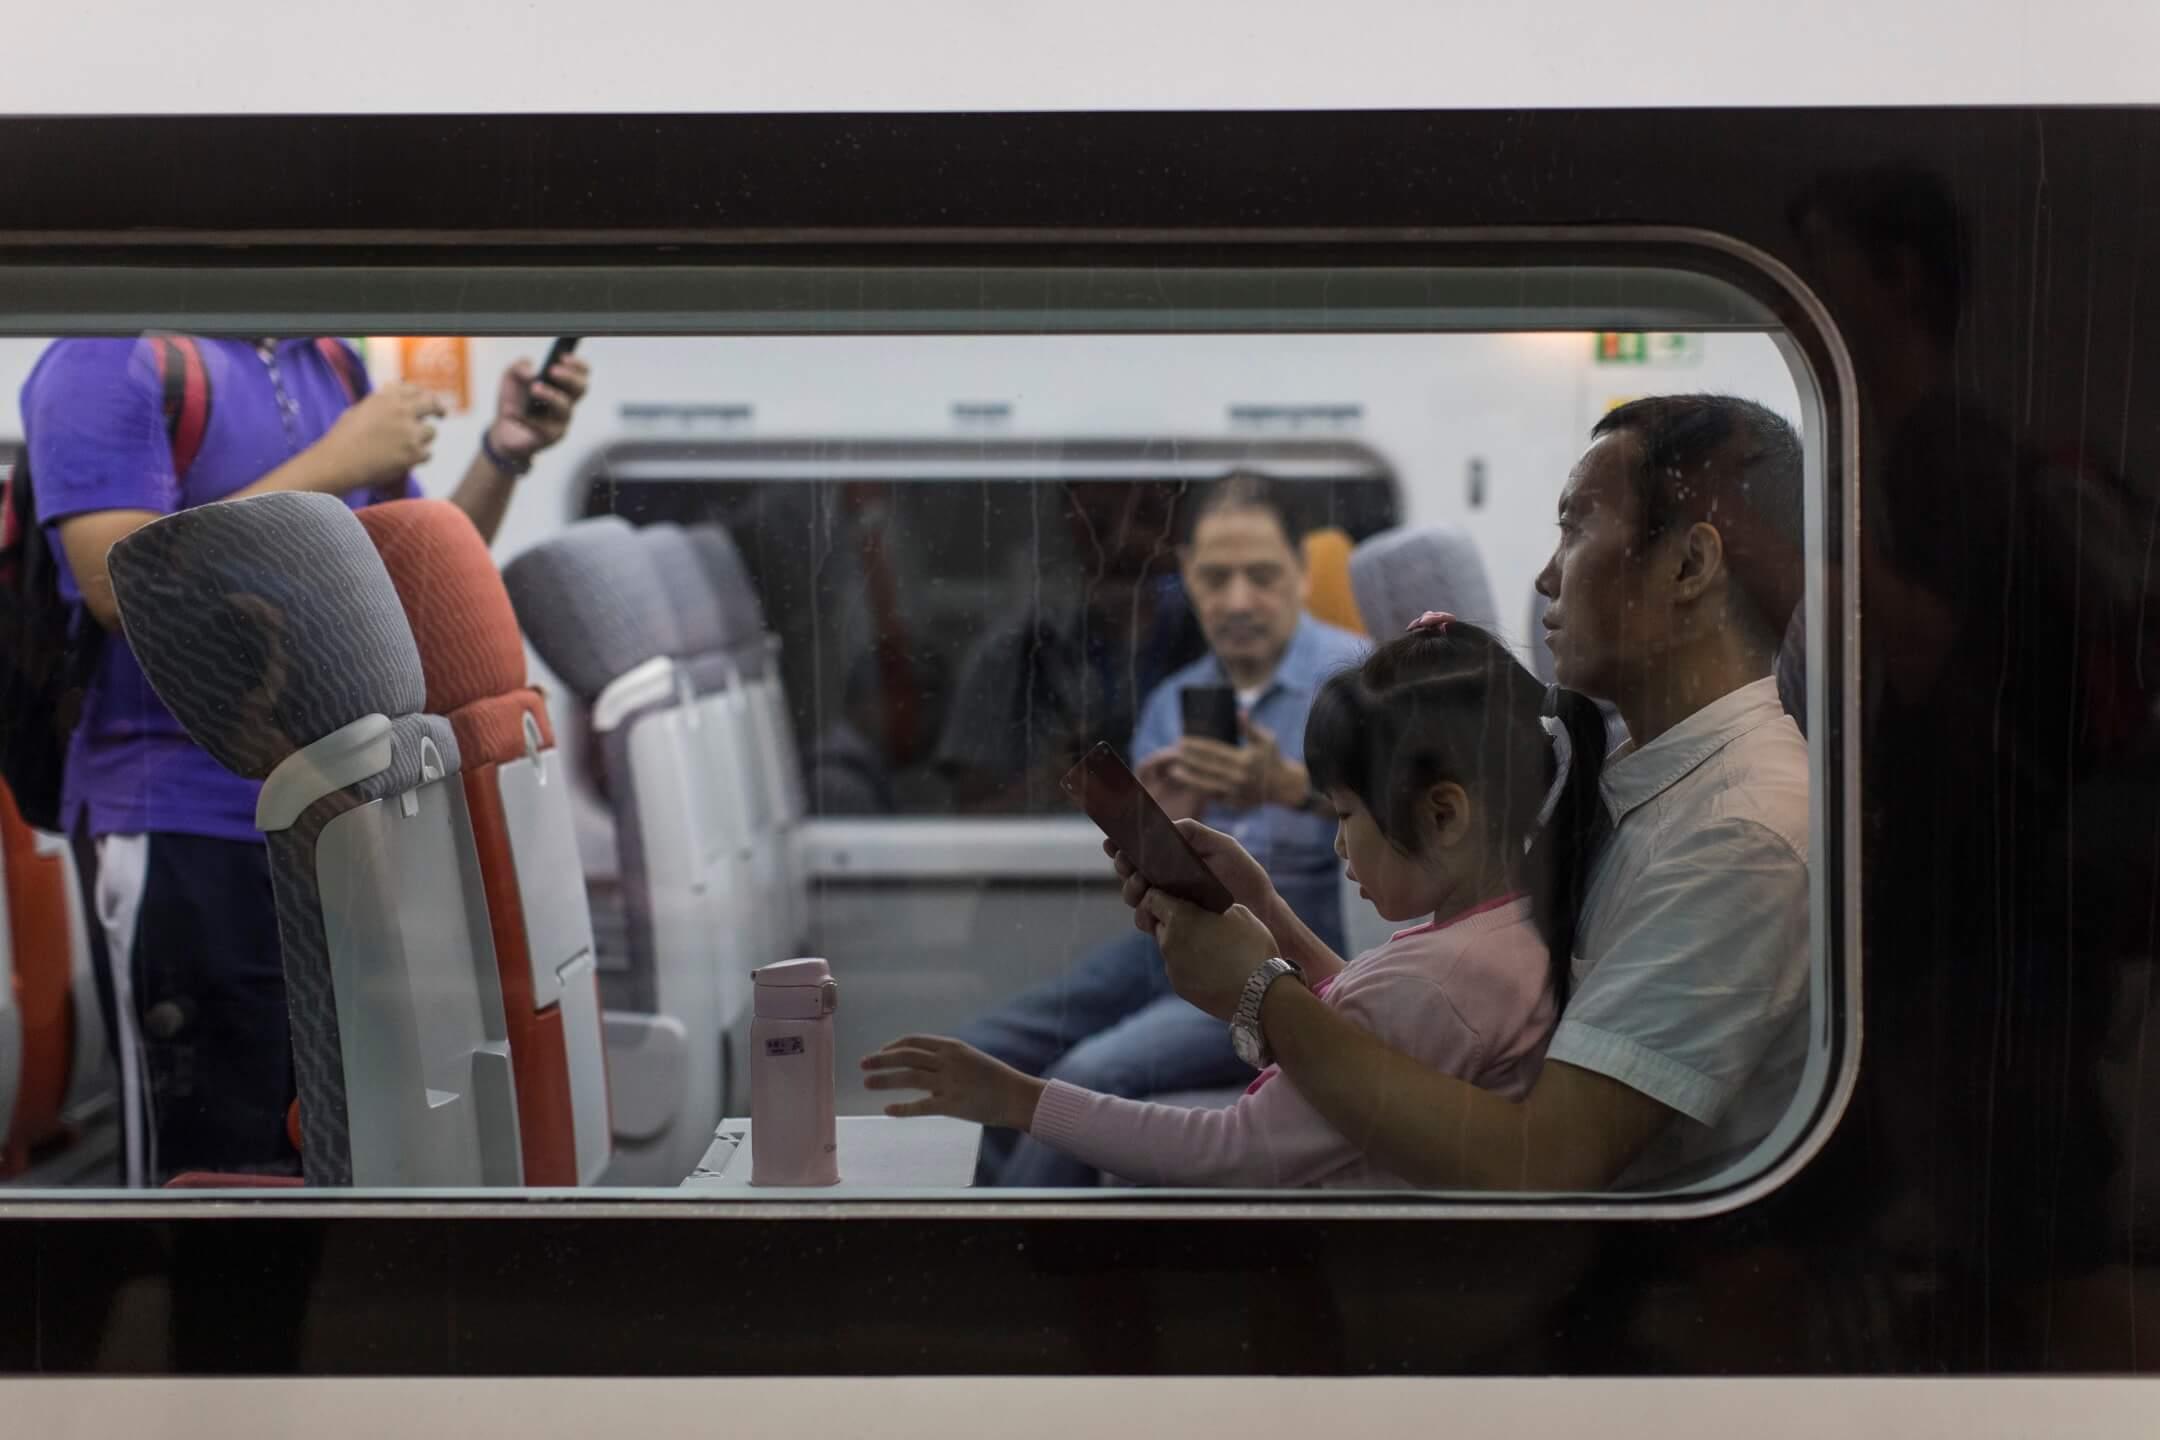 高鐵香港段,首班由香港西九龍站開往內地深圳北站的列車。